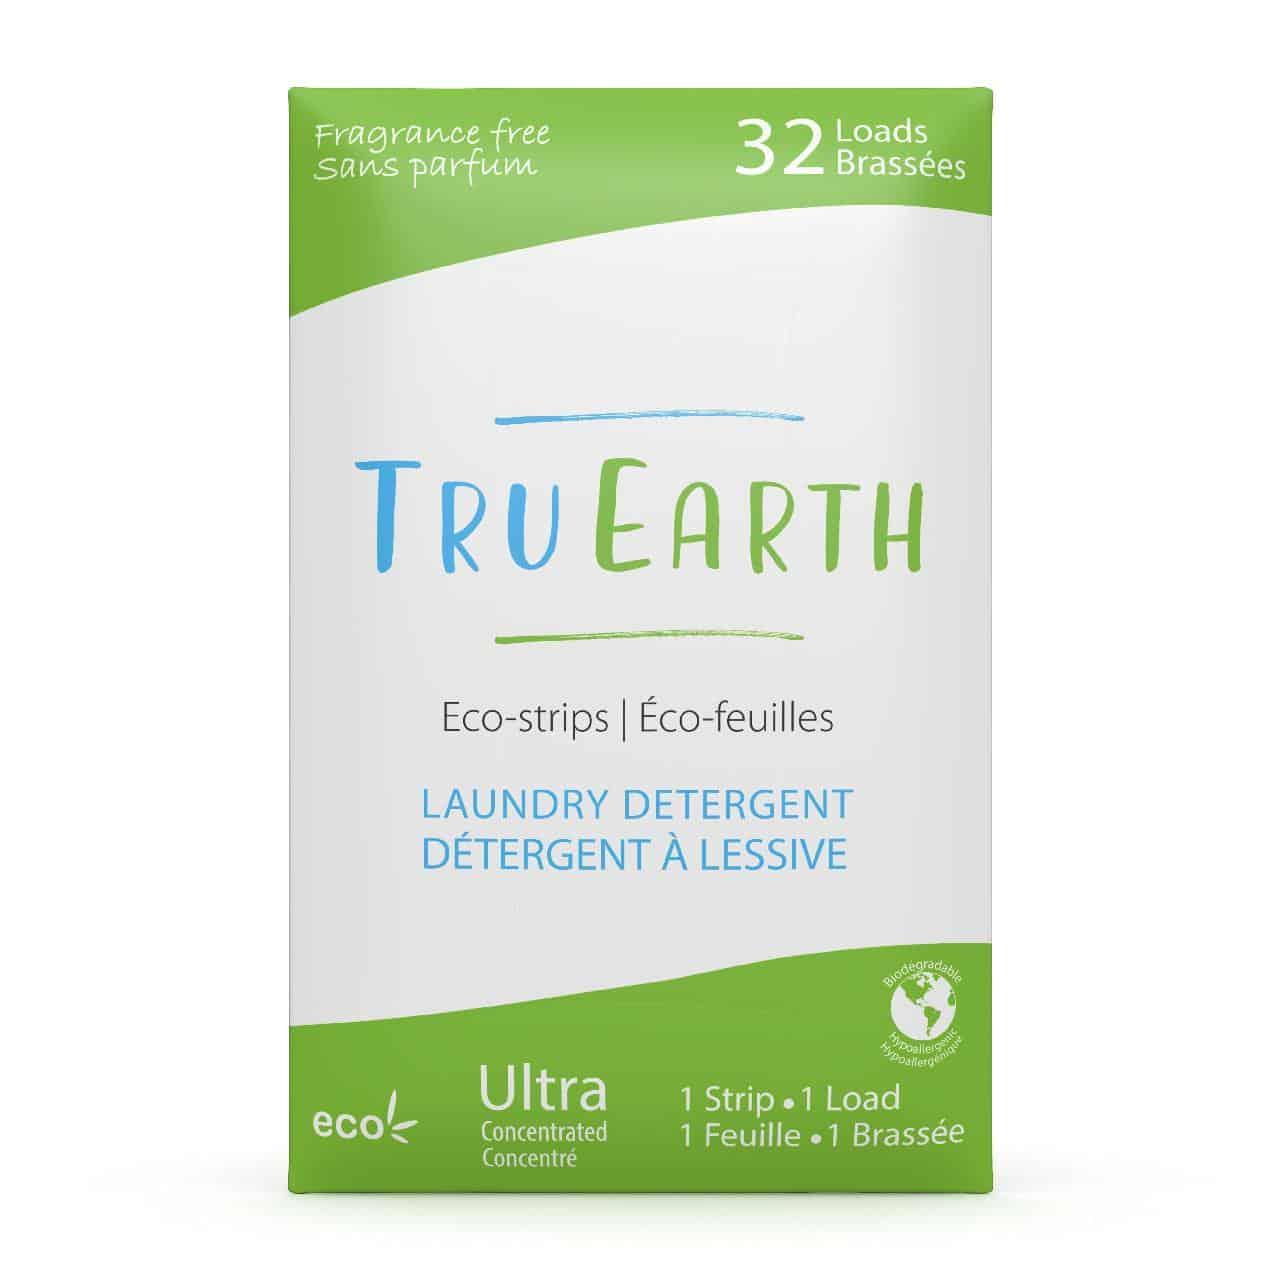 Tru Earth - Tru Earth Eco-strips Laundry Detergent (Fragrance-free) – 32 Loads | NOW: $19.95